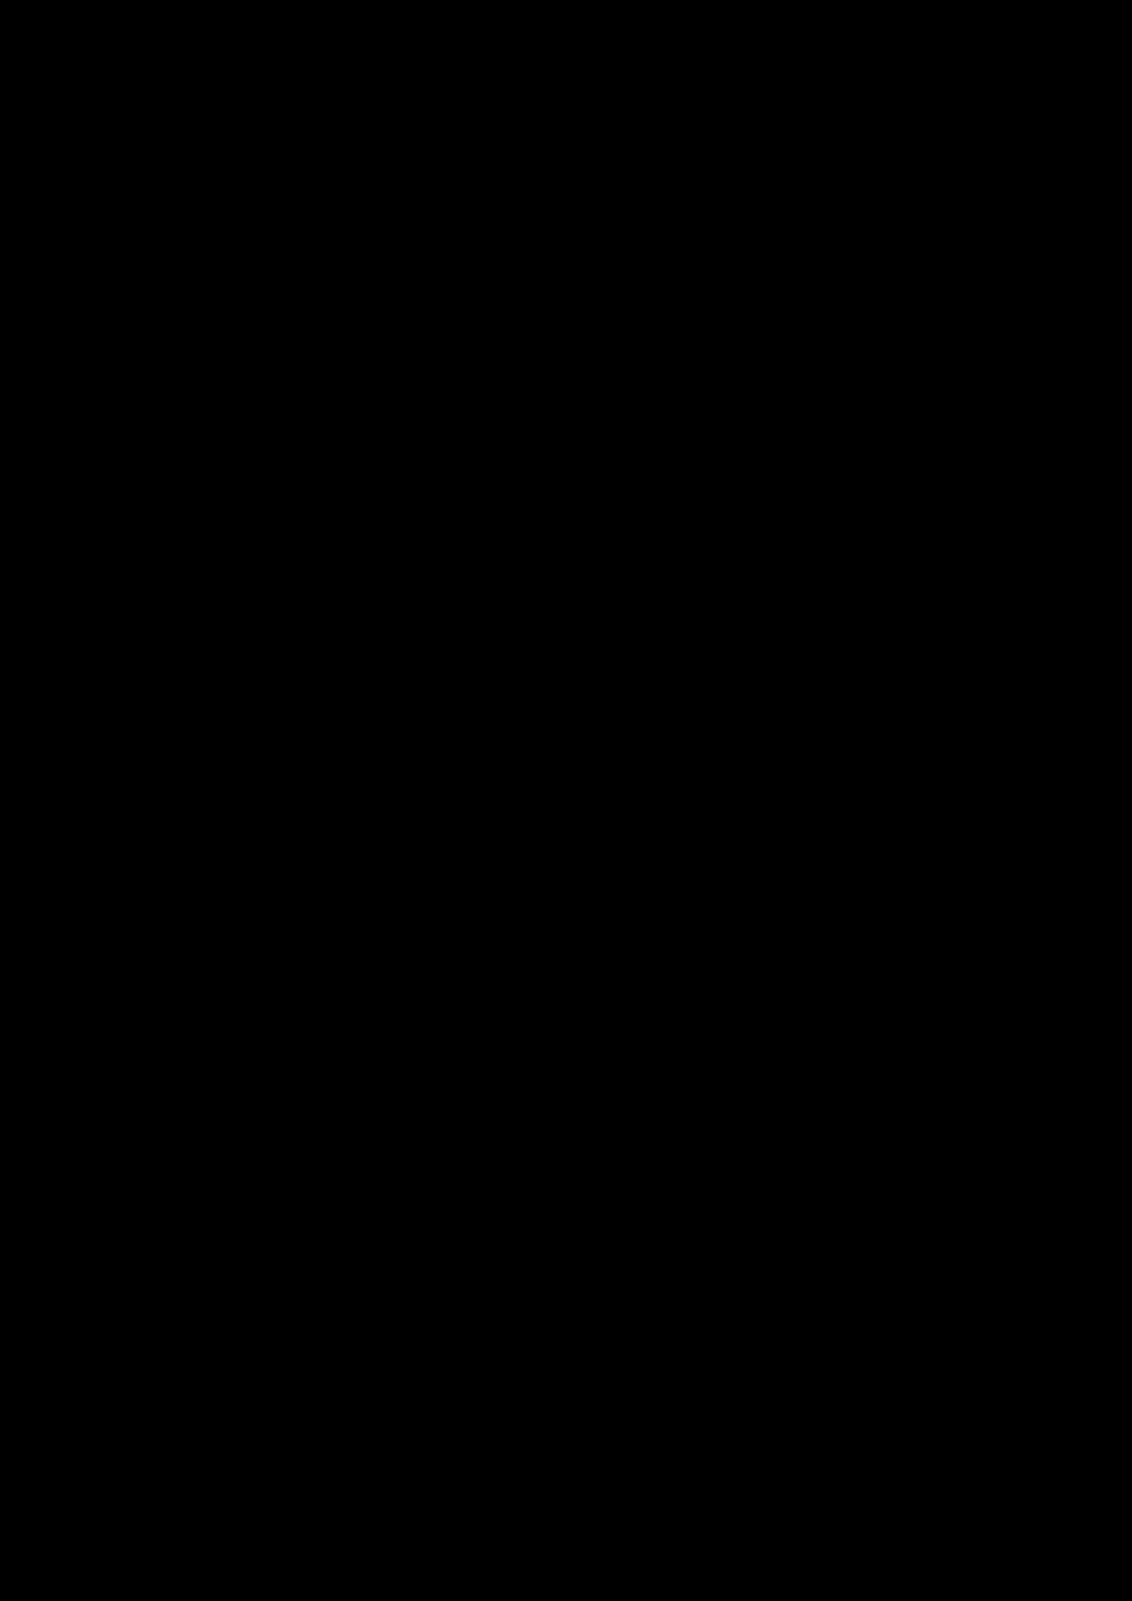 Prolog slide, Image 27